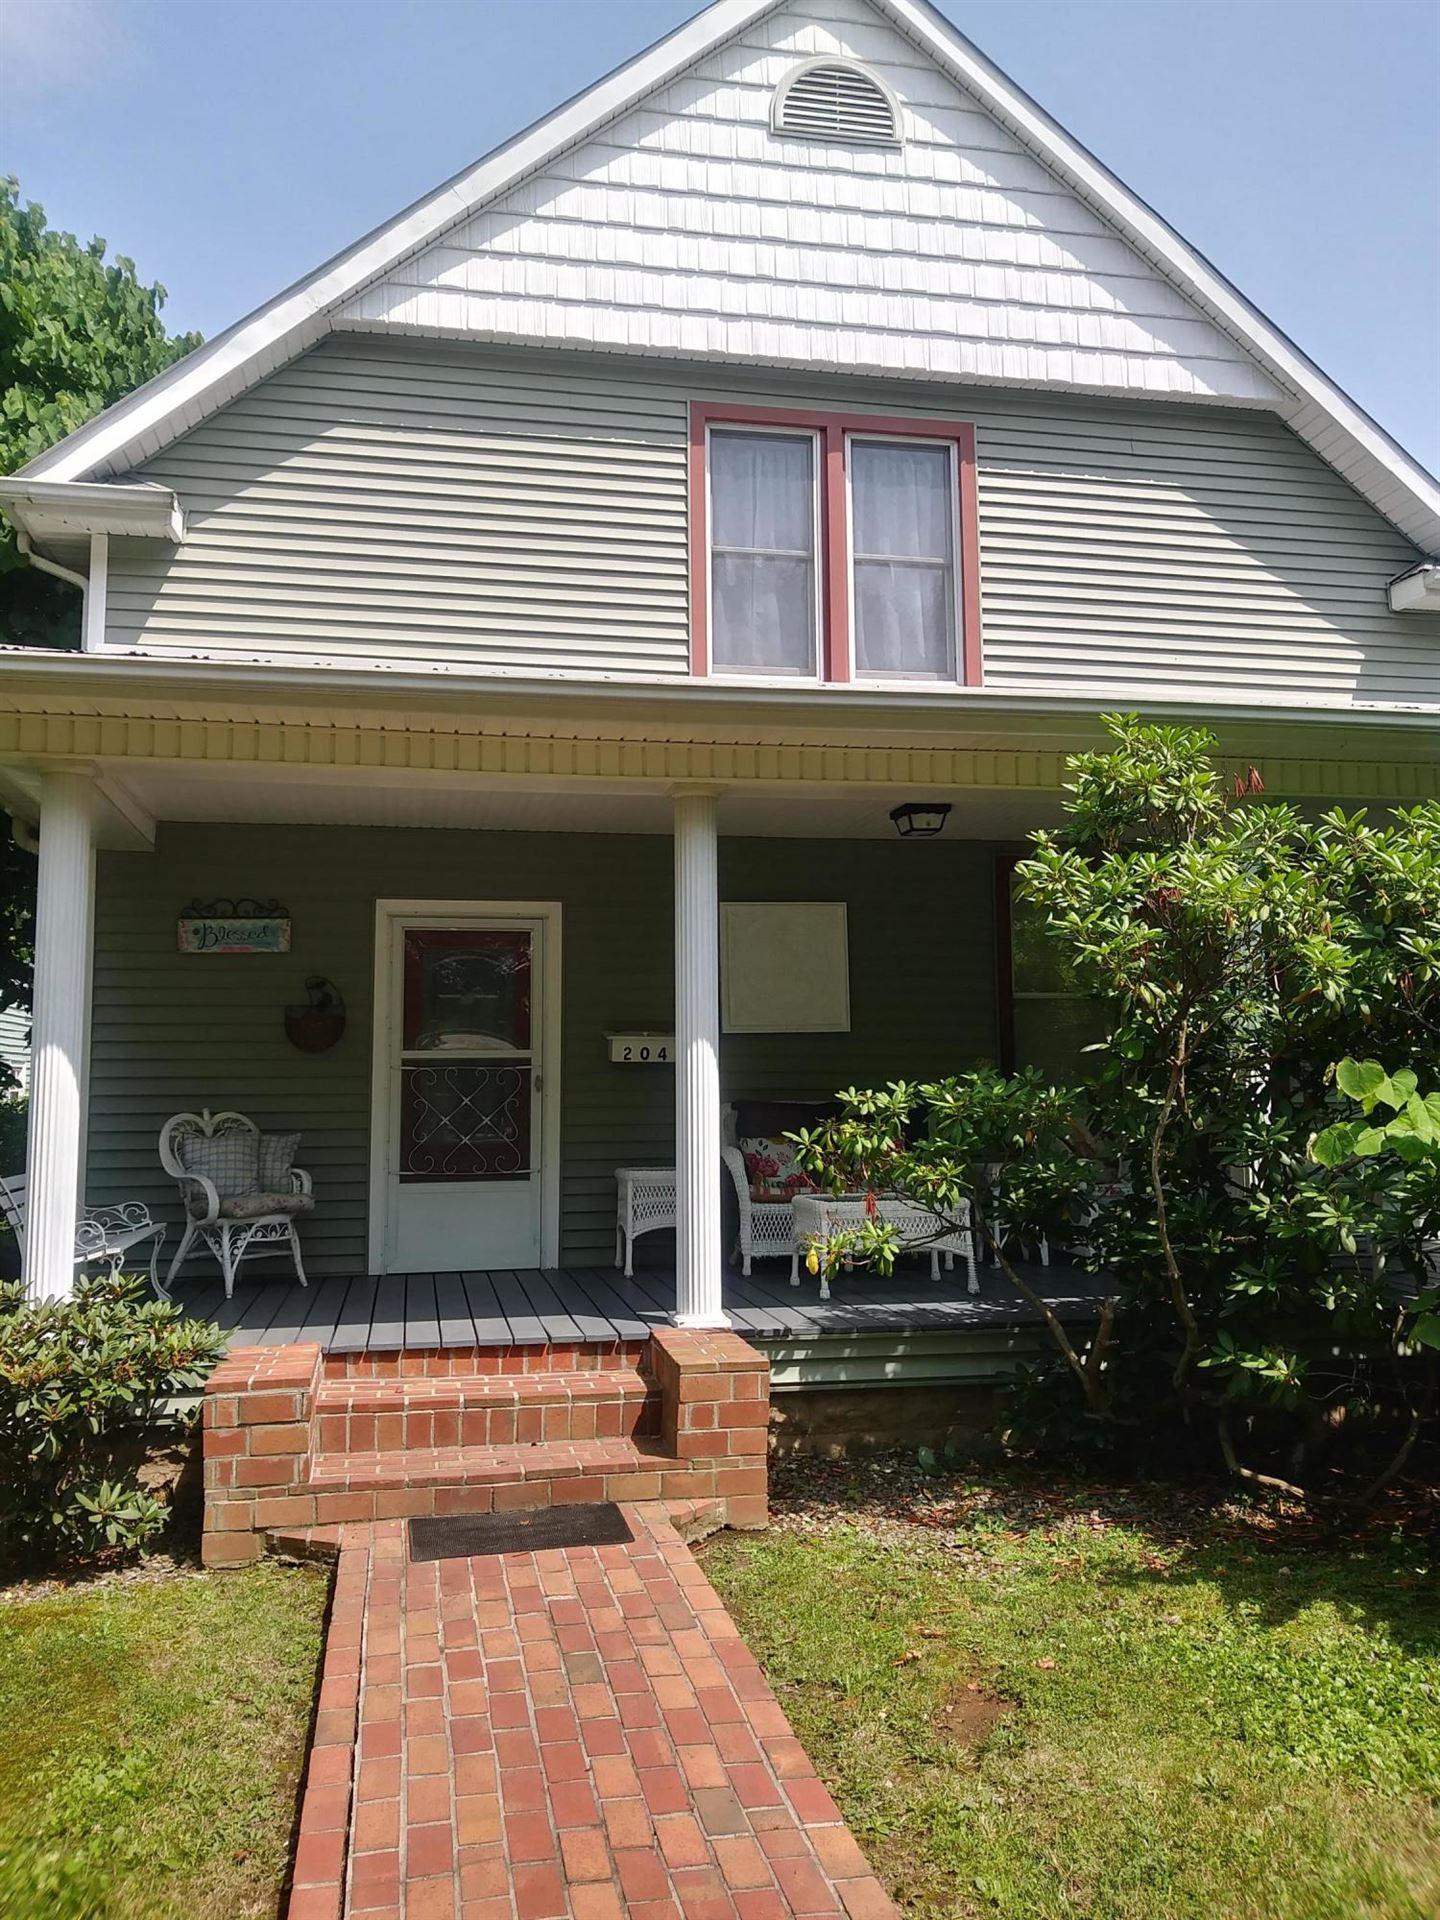 Photo of 204 North Shady Street, Mountain City, TN 37683 (MLS # 9923244)